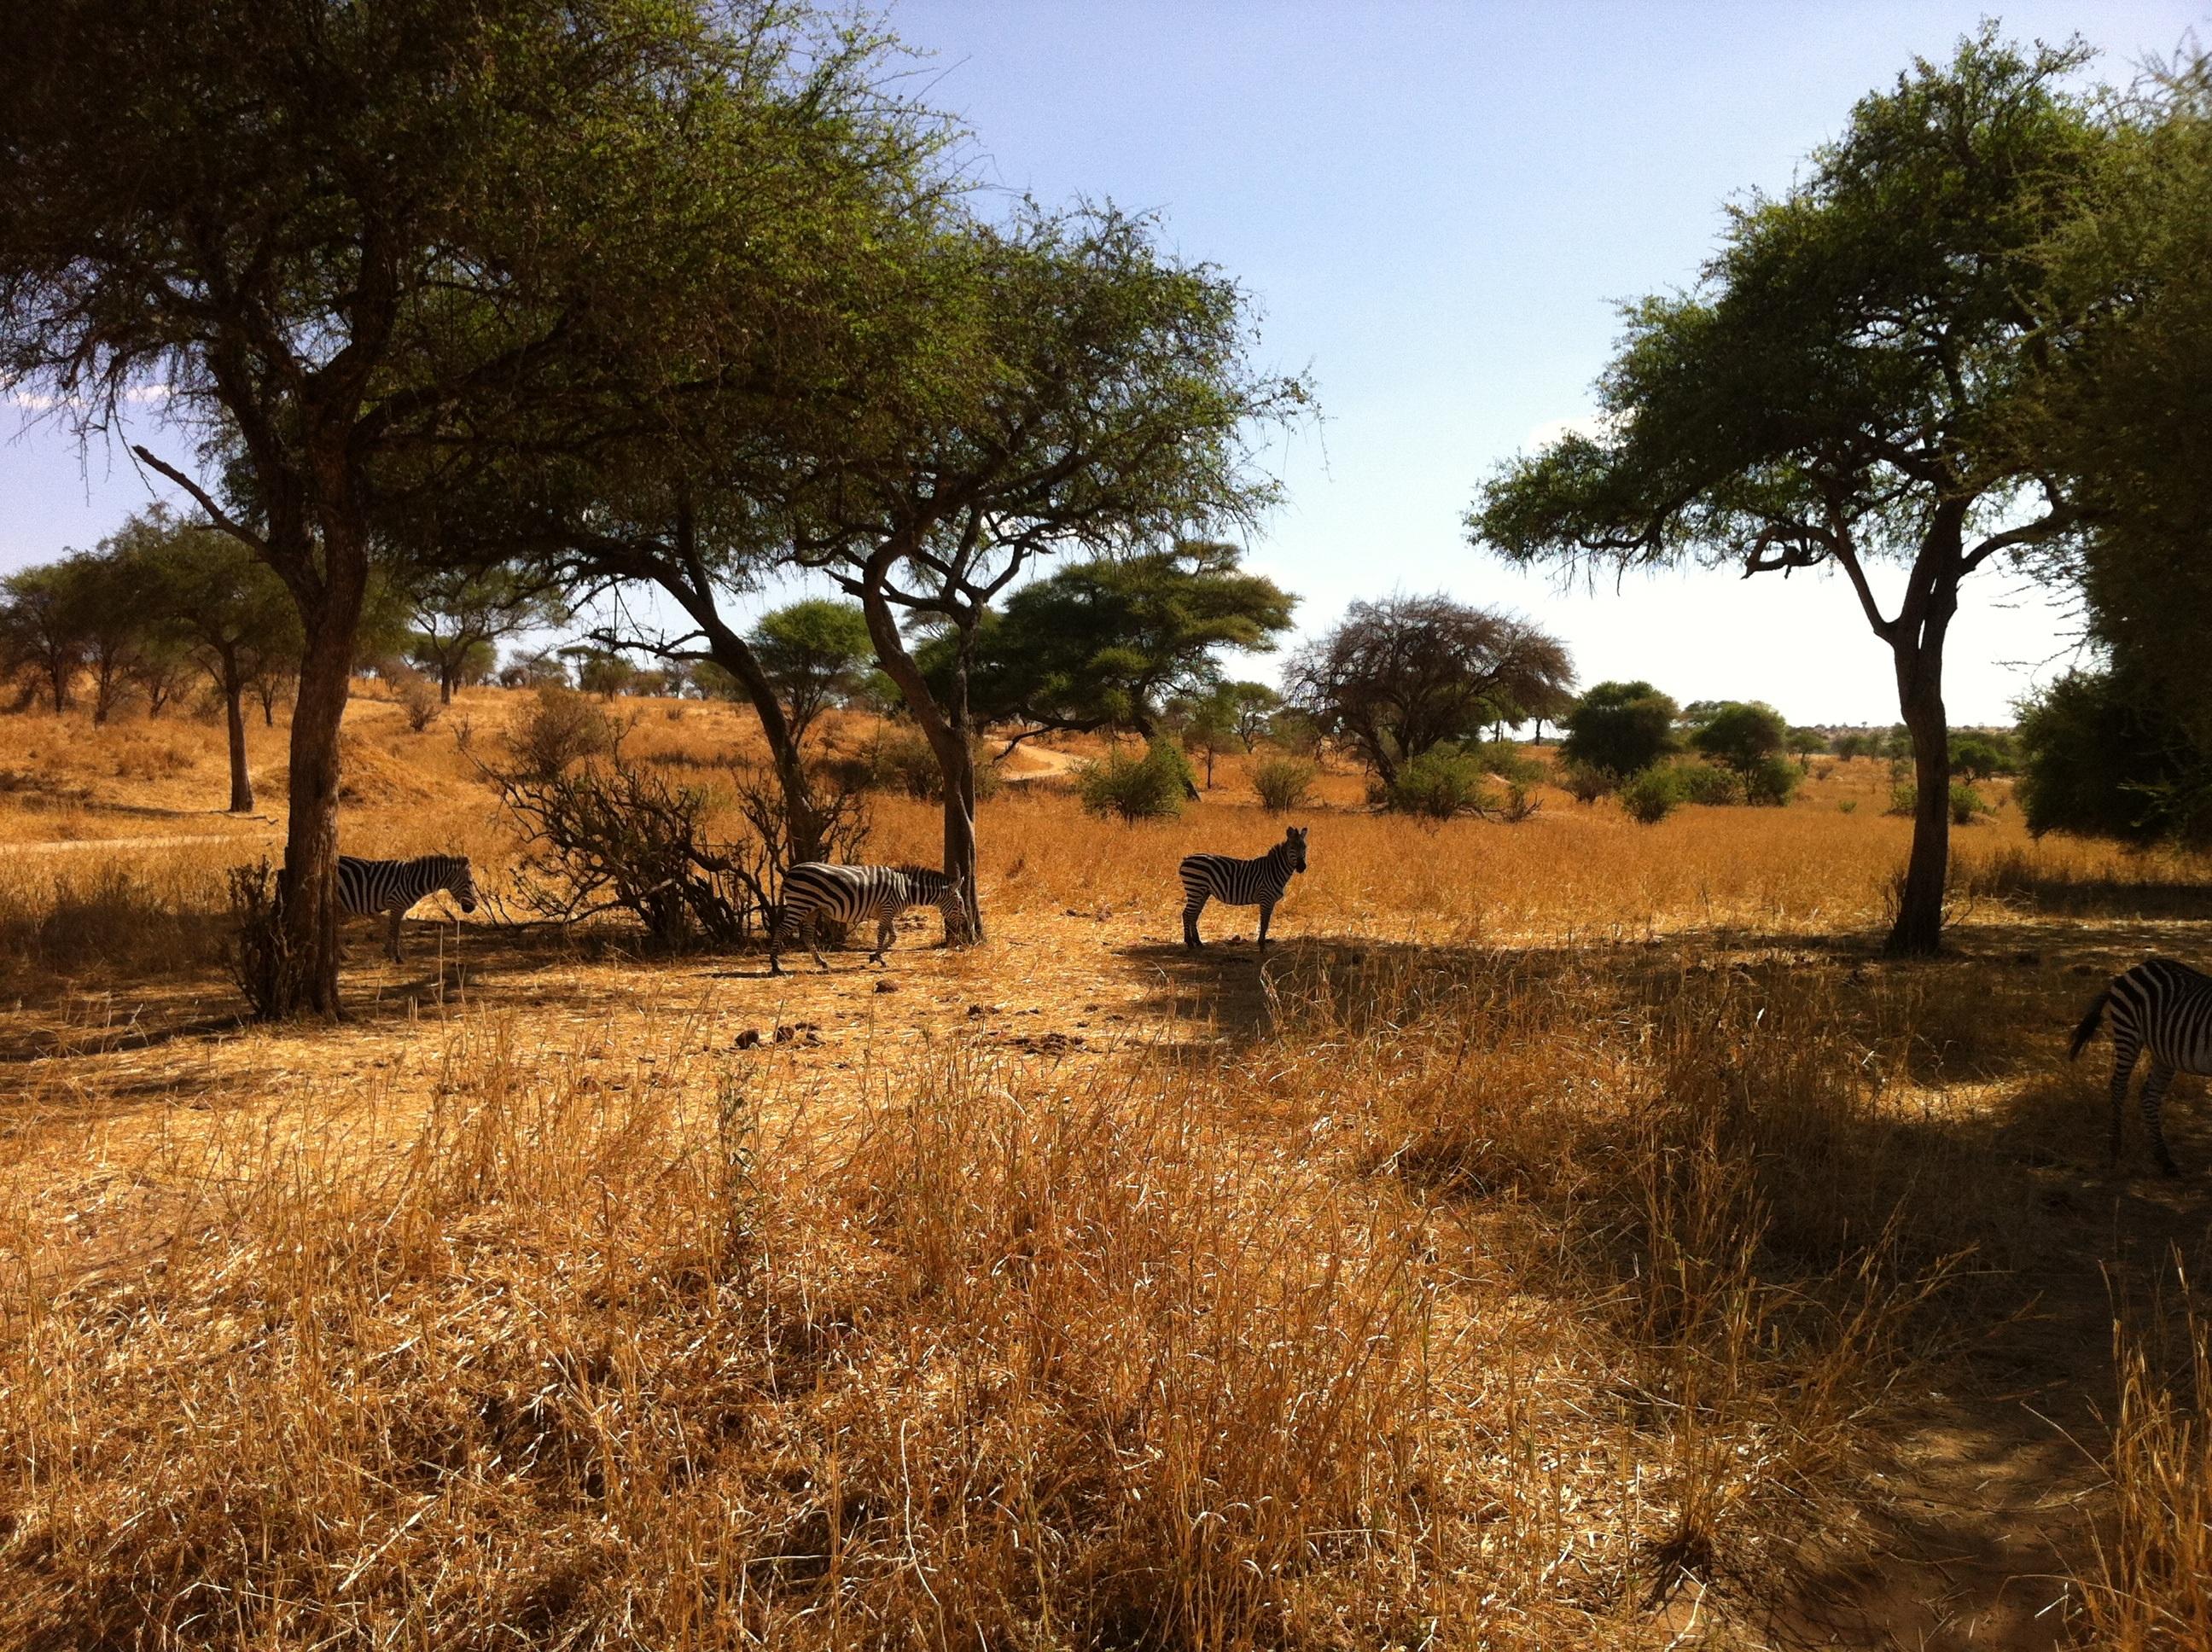 можно картинка природа африки без животных сейчас начну